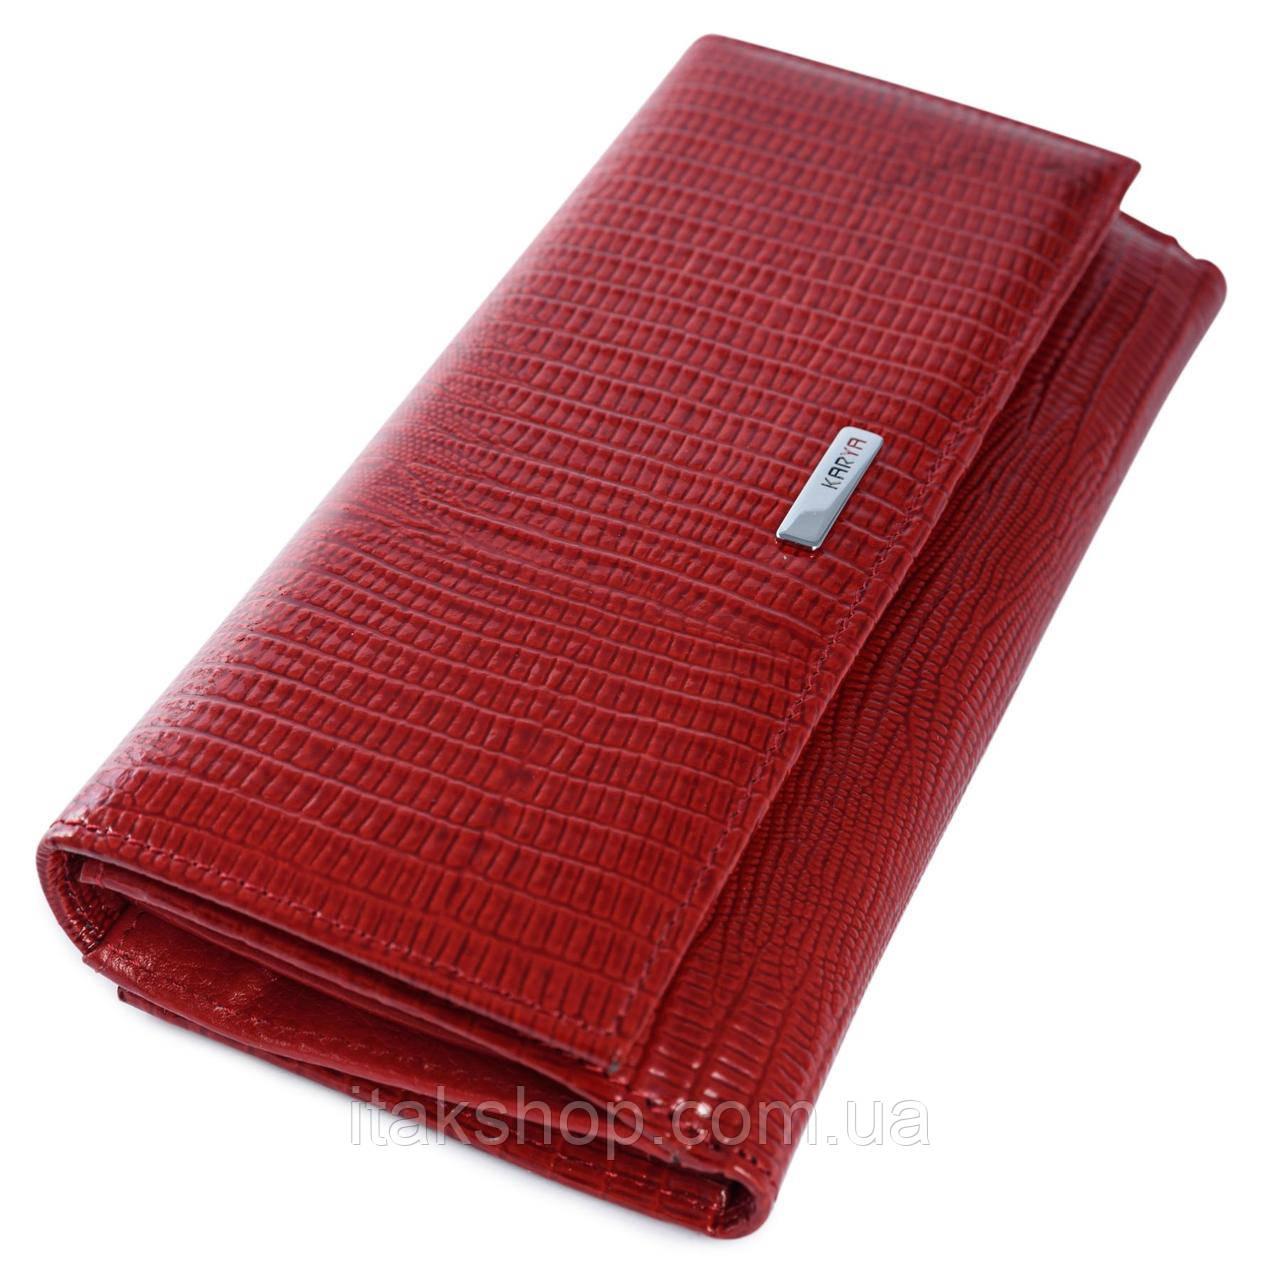 Кошелек женский KARYA 17151 кожаный Красный, Красный